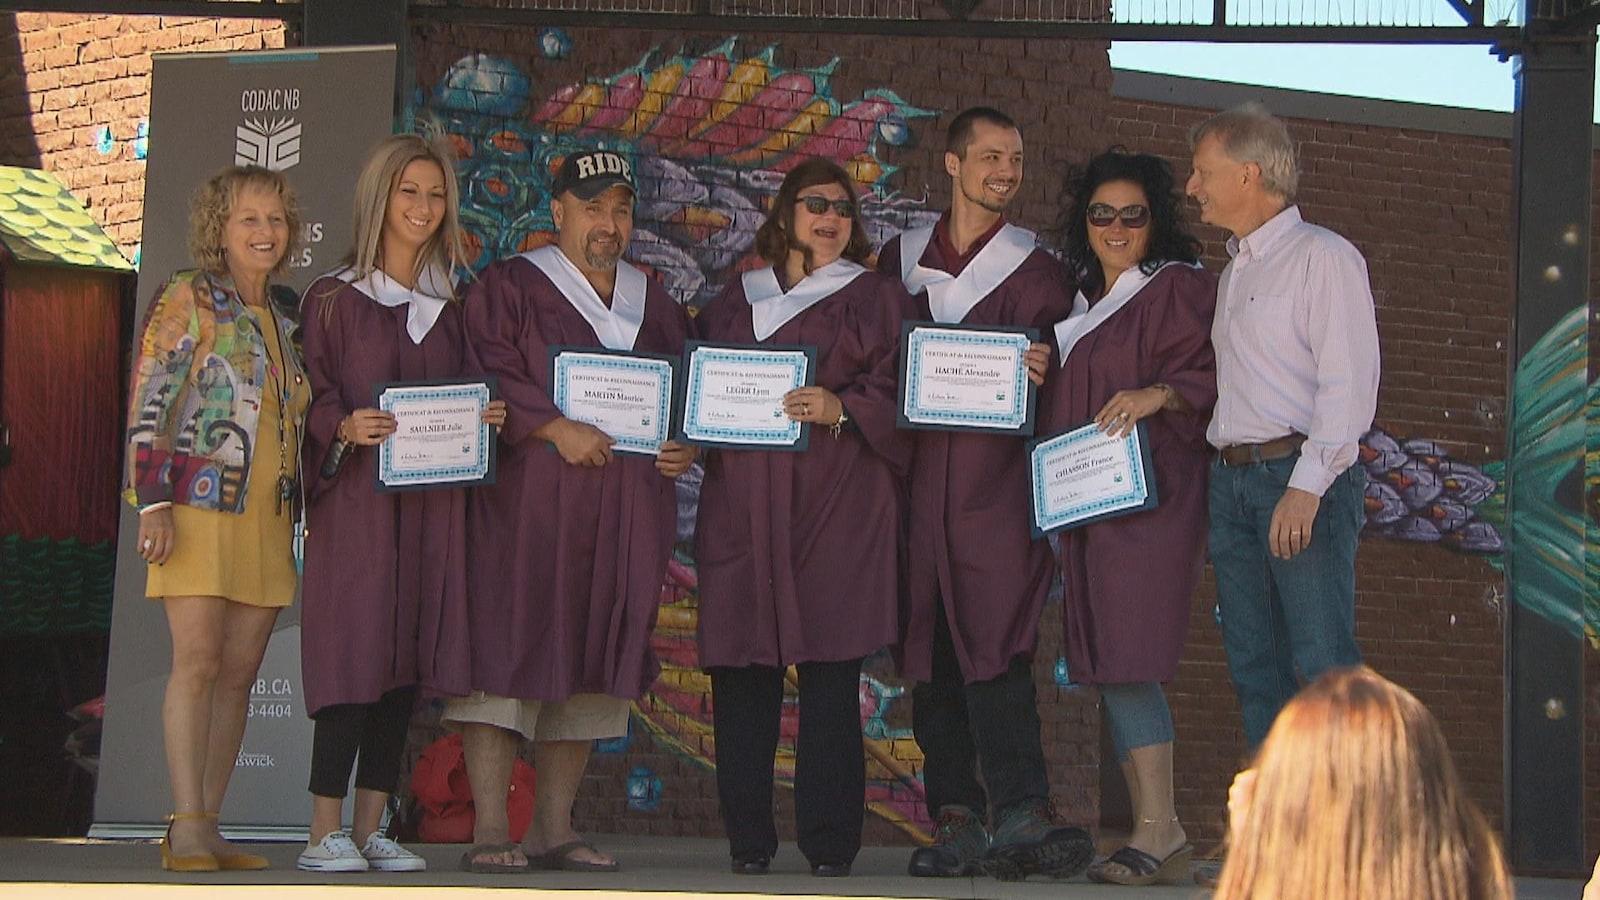 Le Conseil pour le développement de l'alphabétisme et des compétences des Adultes du Nouveau-Brunswick a procédé à la remise des diplômes des étudiants ayant récemment passé leur test de compétences générales.